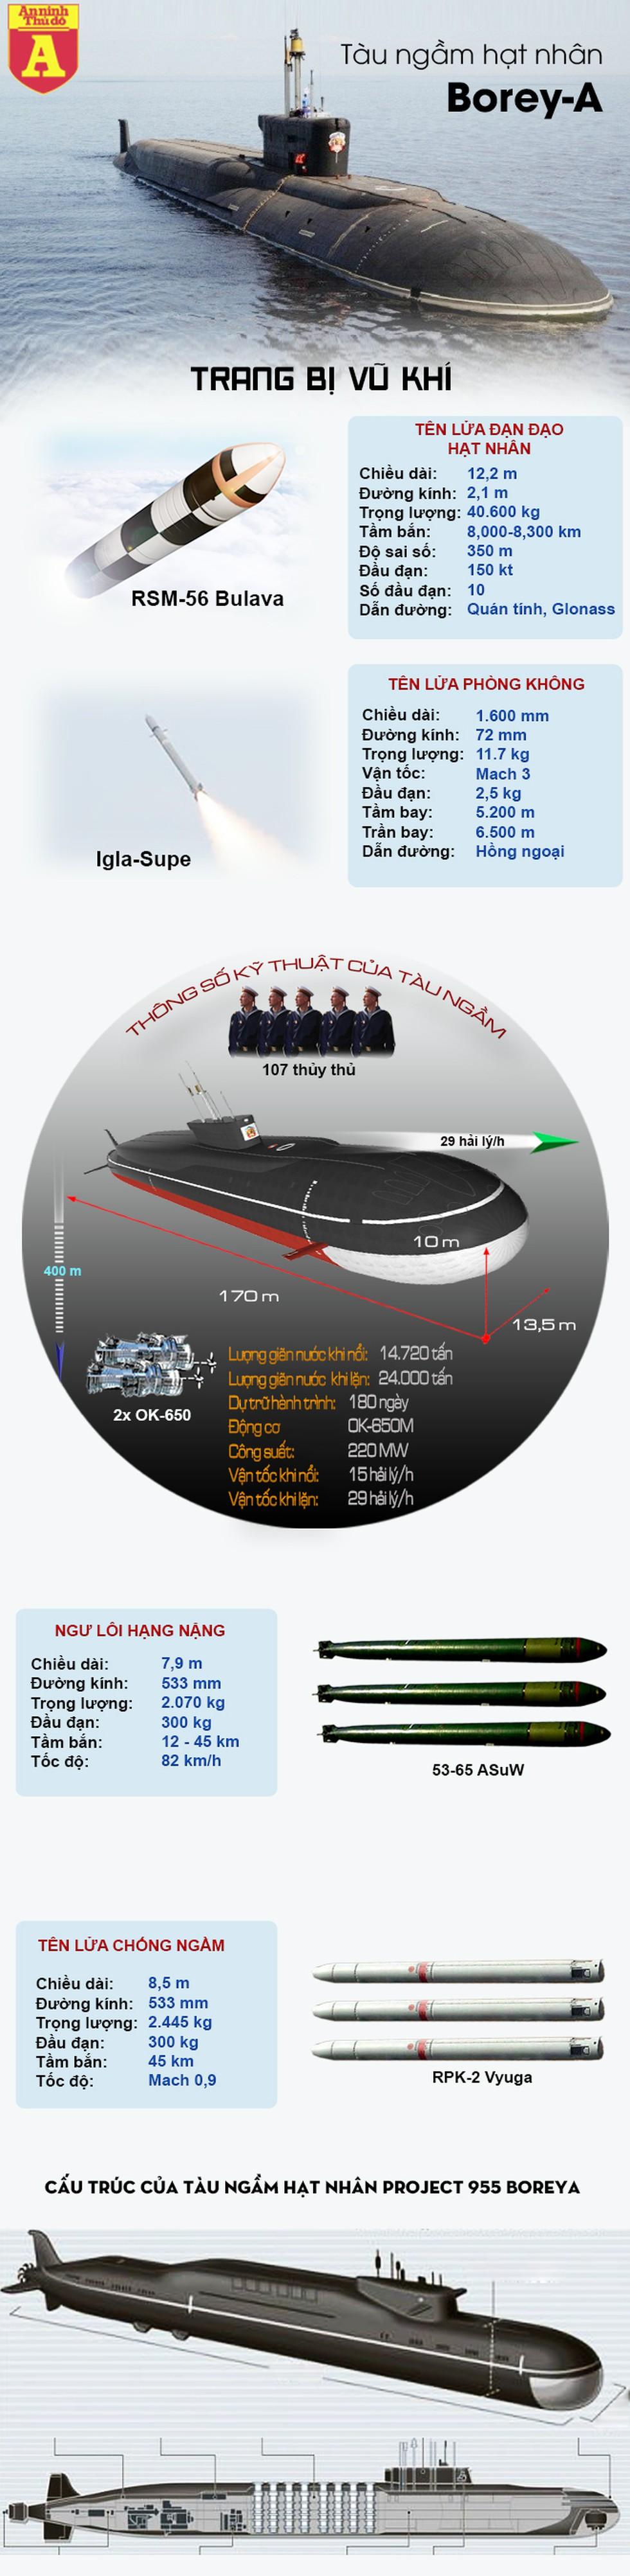 [Infographics] Siêu tàu ngầm hạt nhân Nga bí mật đi qua bờ biển mà Mỹ không hay biết - Ảnh 1